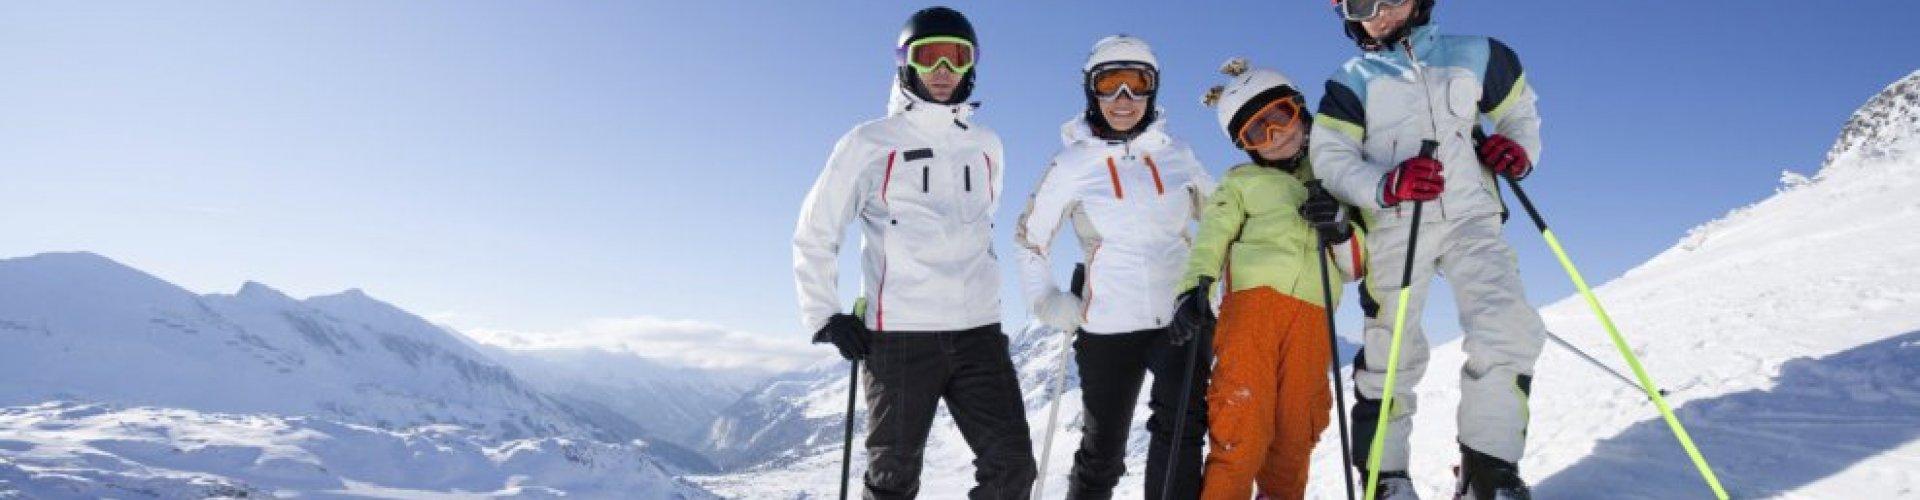 Hotels An Der Piste Familienhotels Skiurlaub Fur Familien